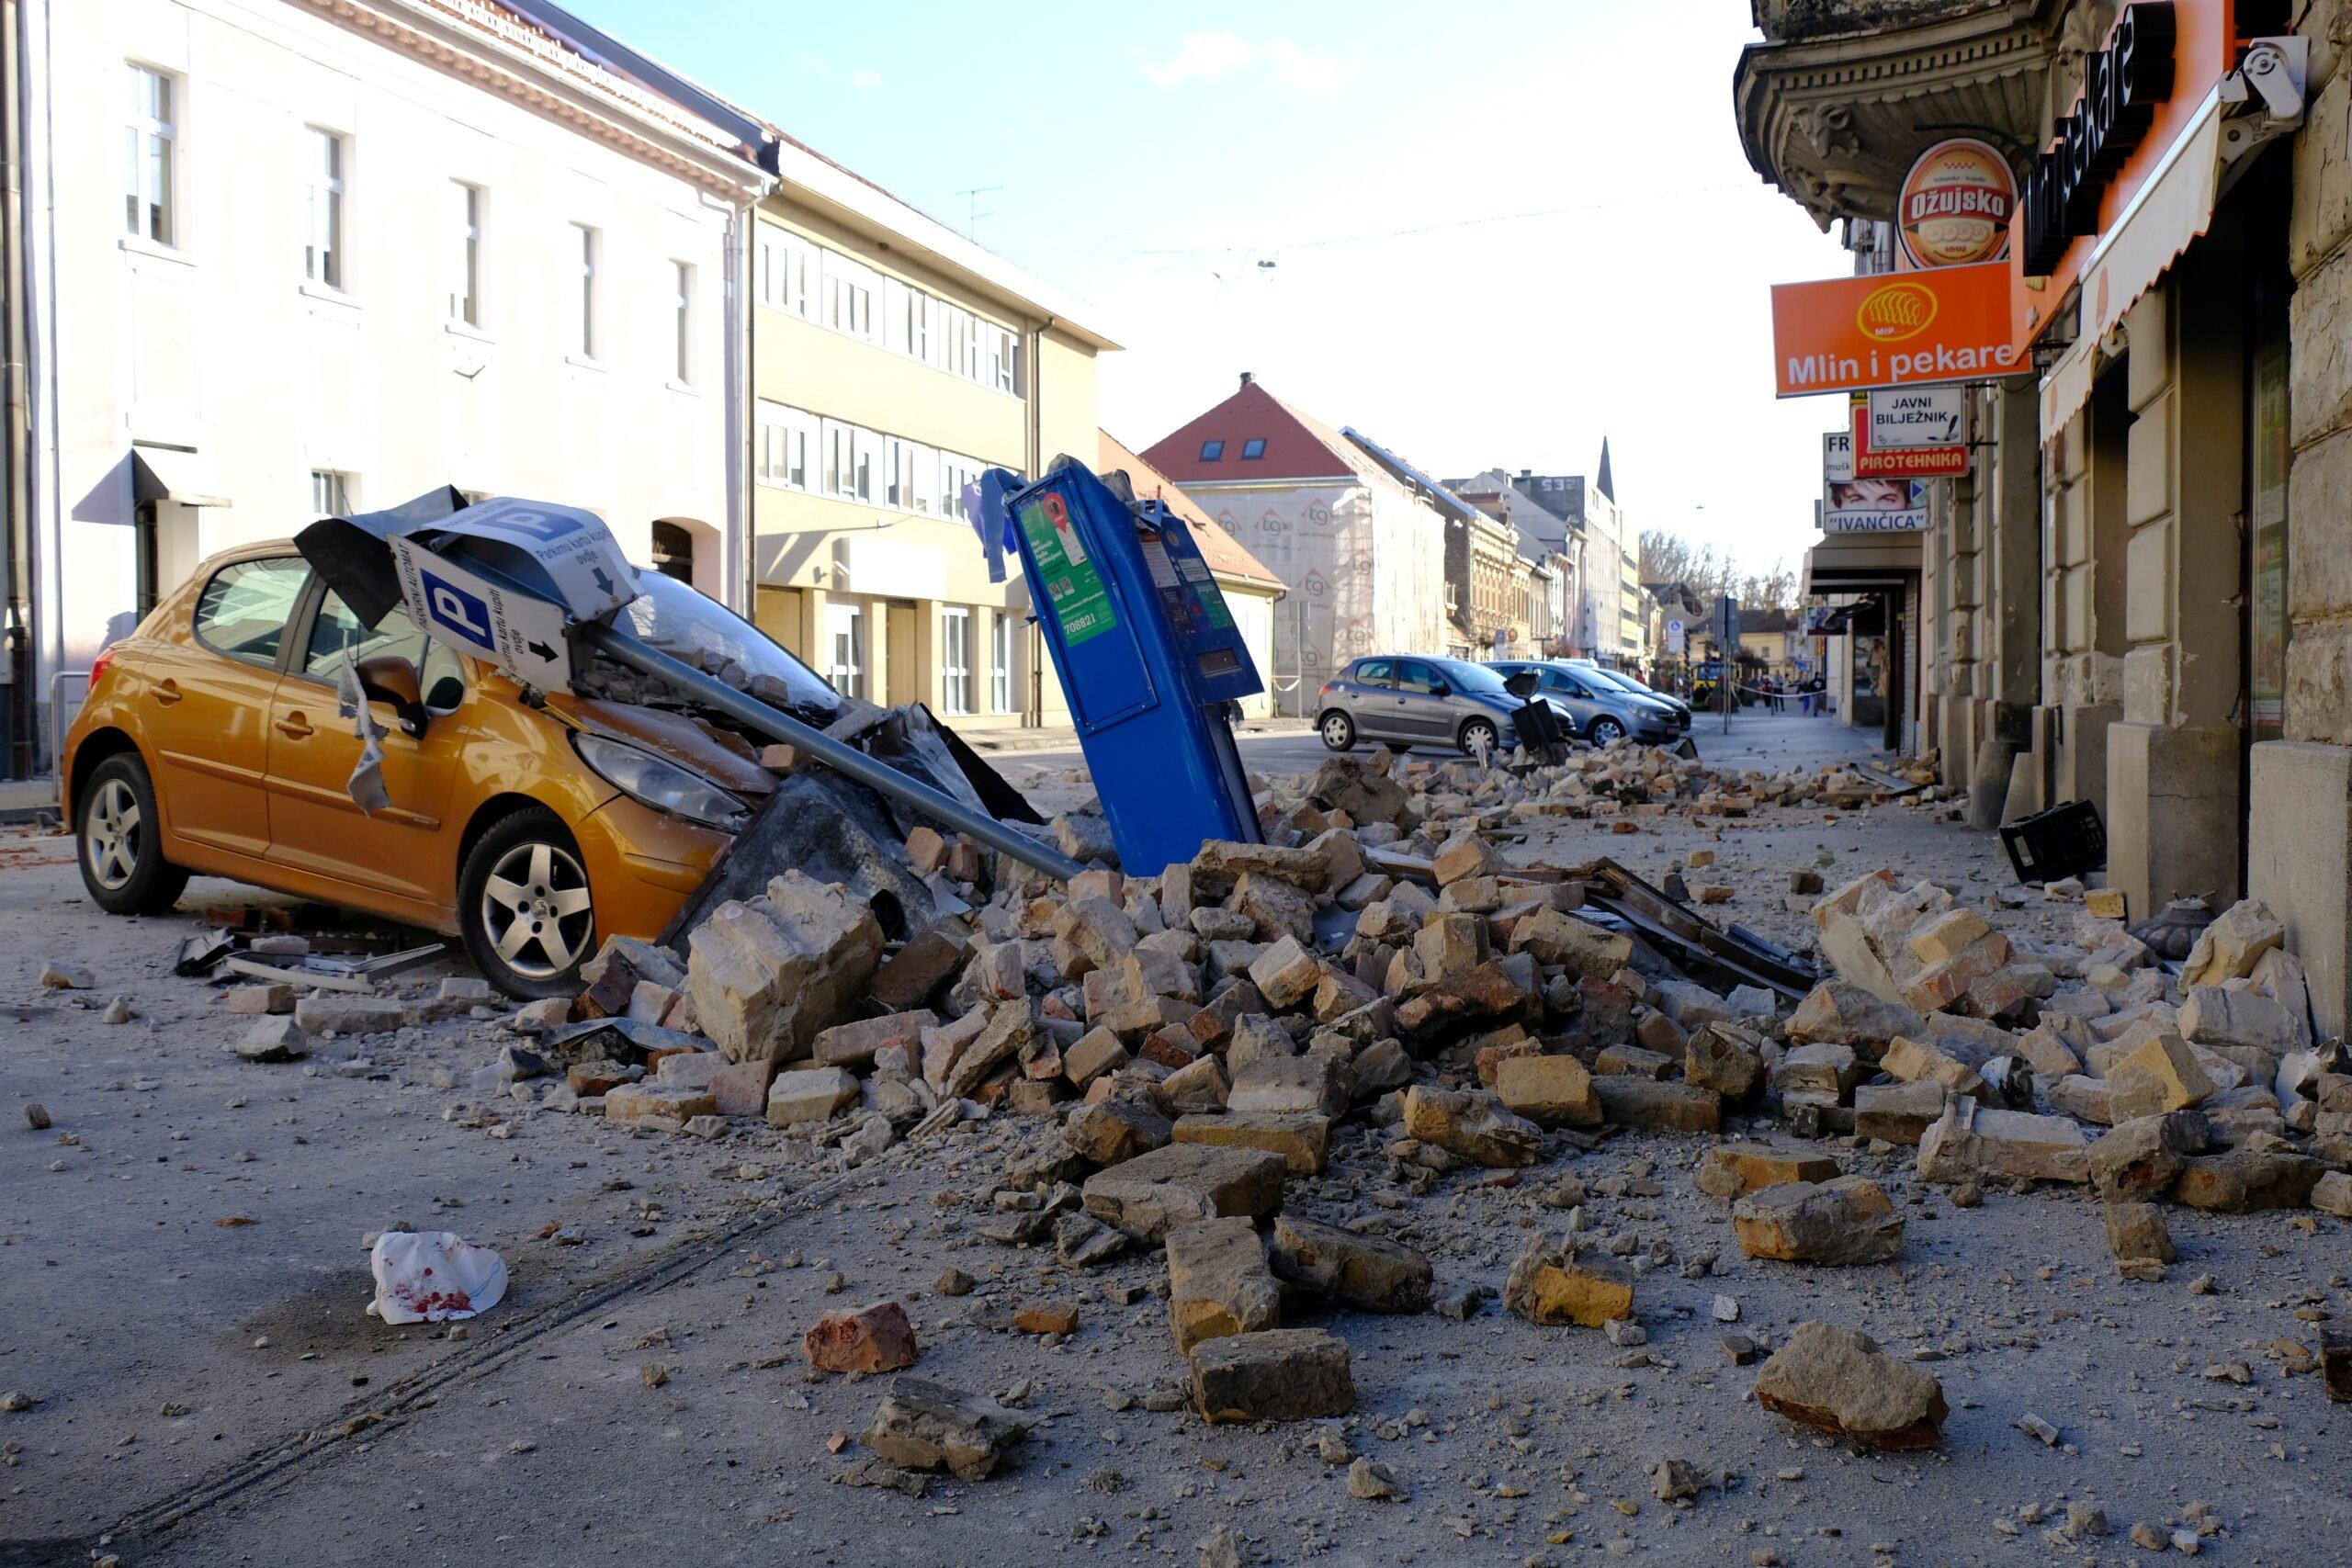 Κορίτσι σκοτώθηκε, πολλοί τραυματίστηκαν από σεισμό στην Κροατία